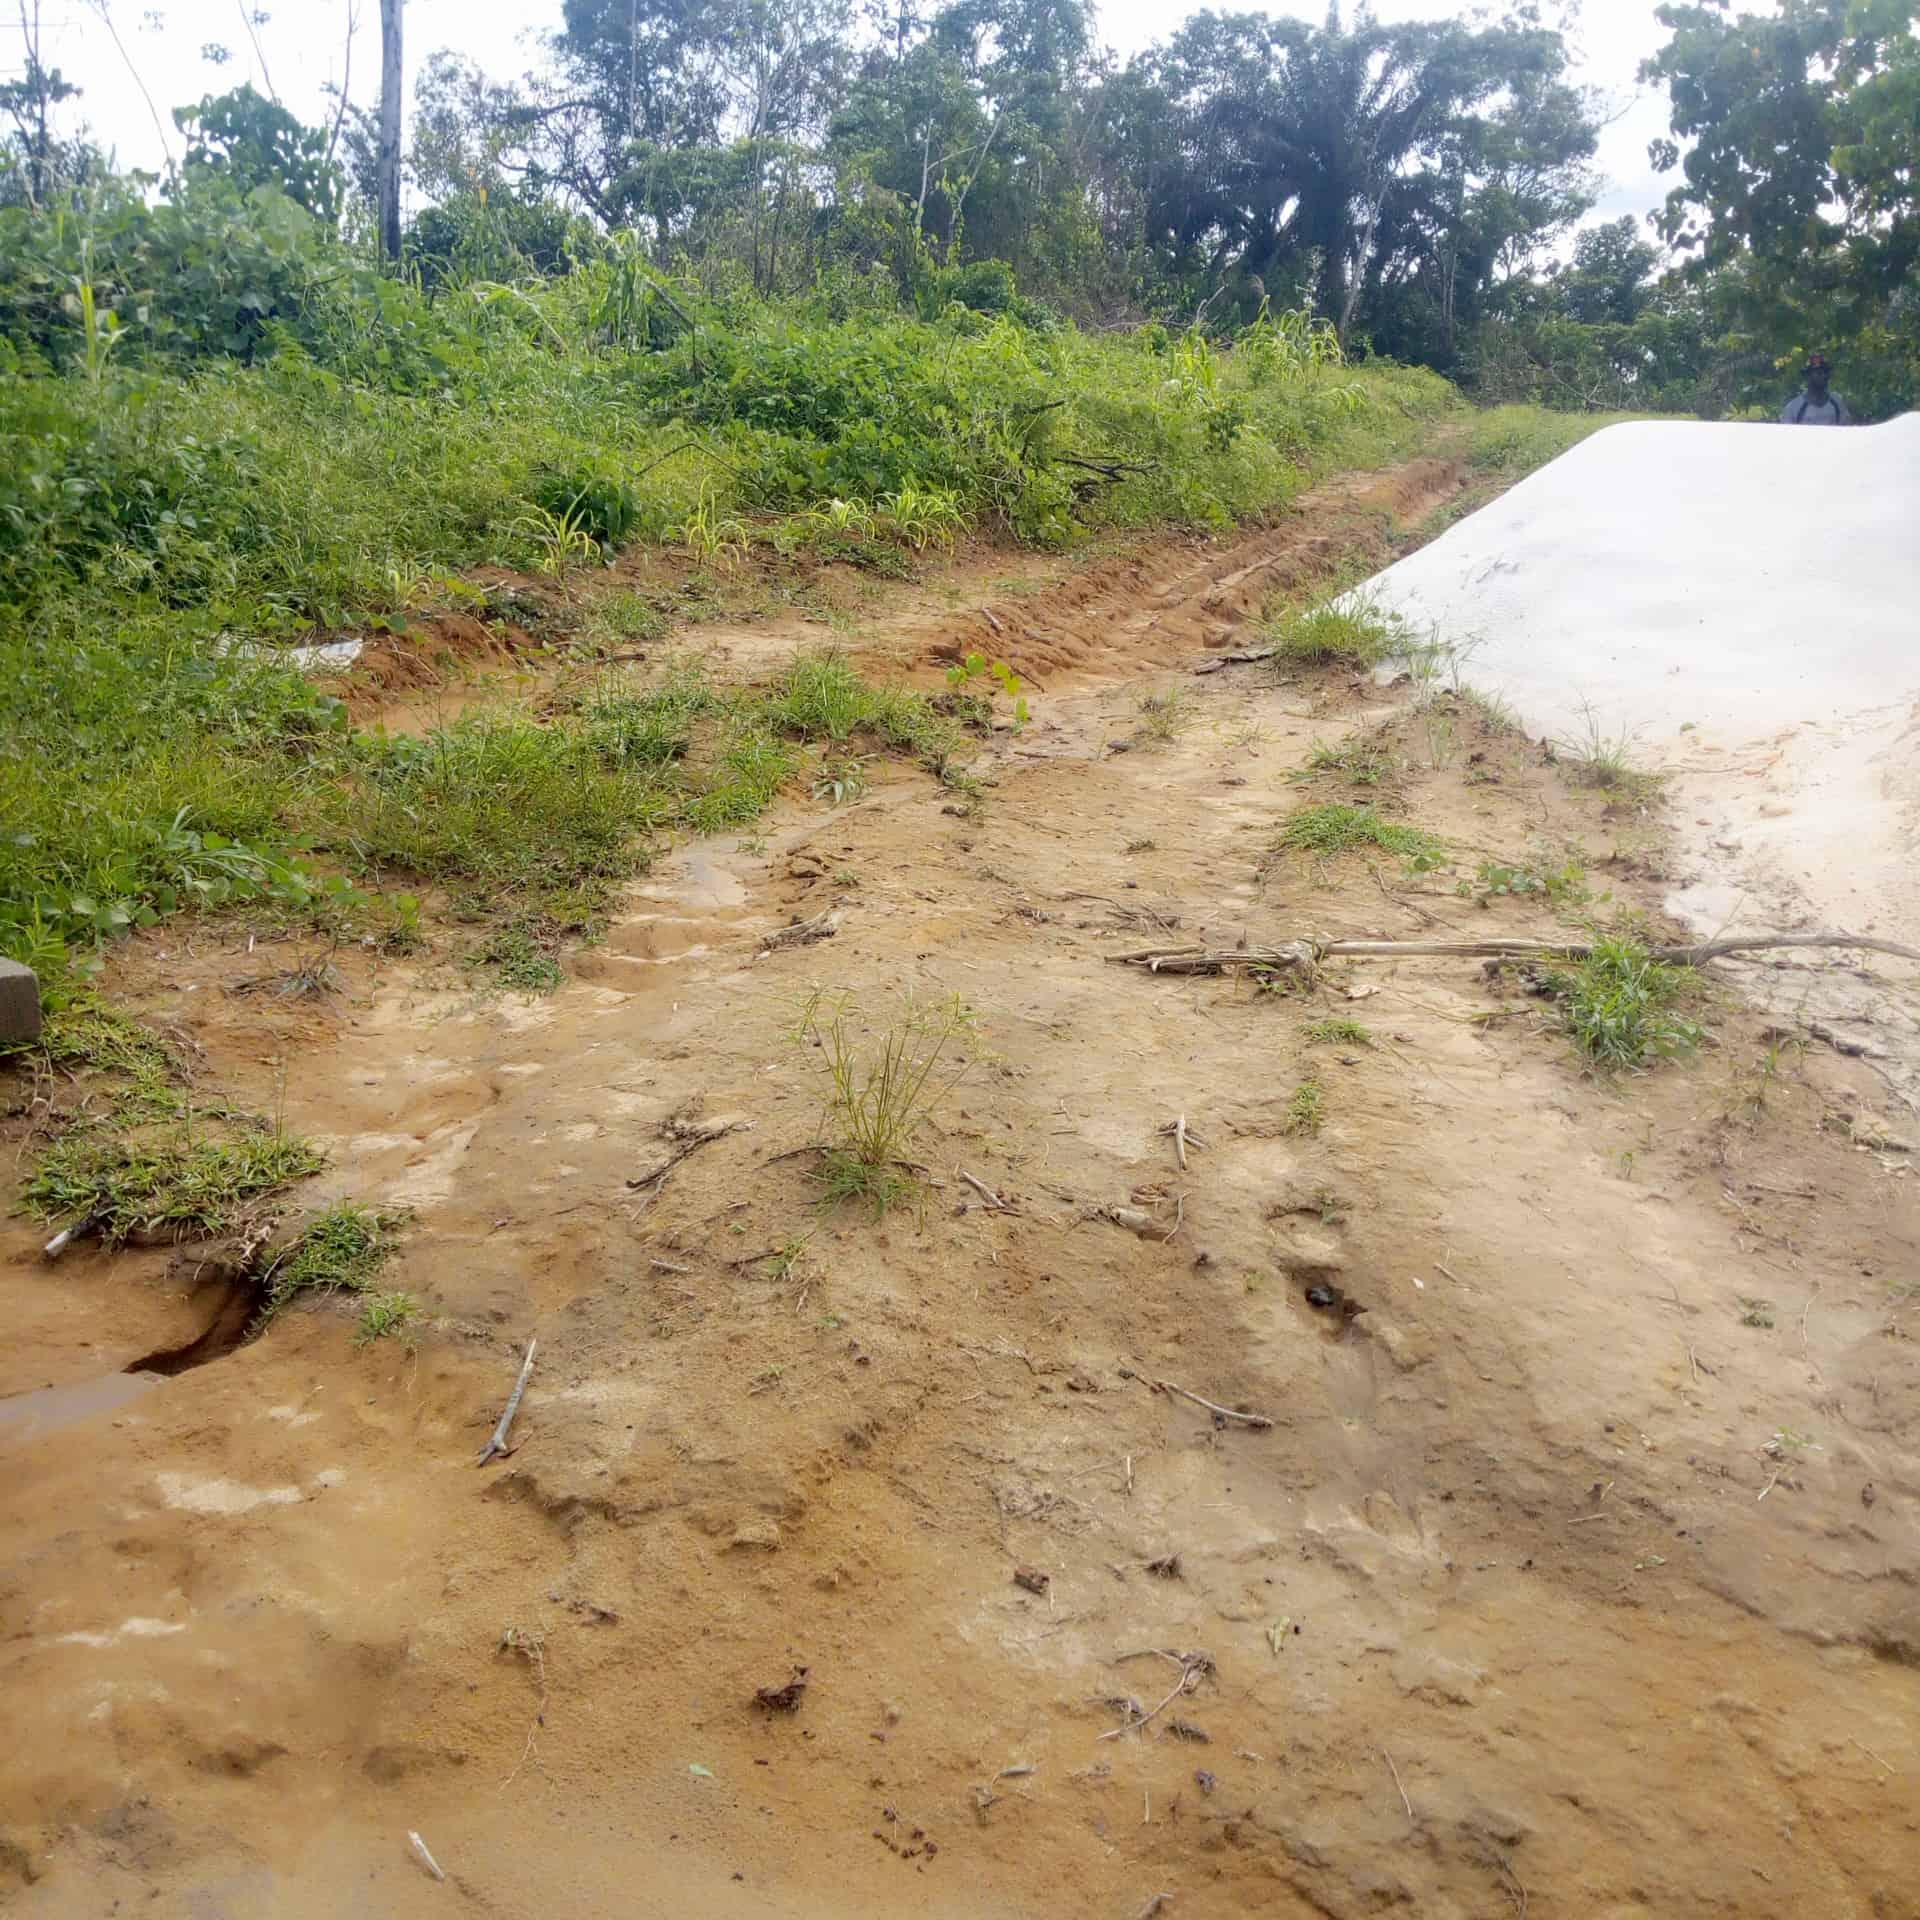 Land for sale at Douala, PK 24, Barrière de police - 50000 m2 - 6 000 000 FCFA